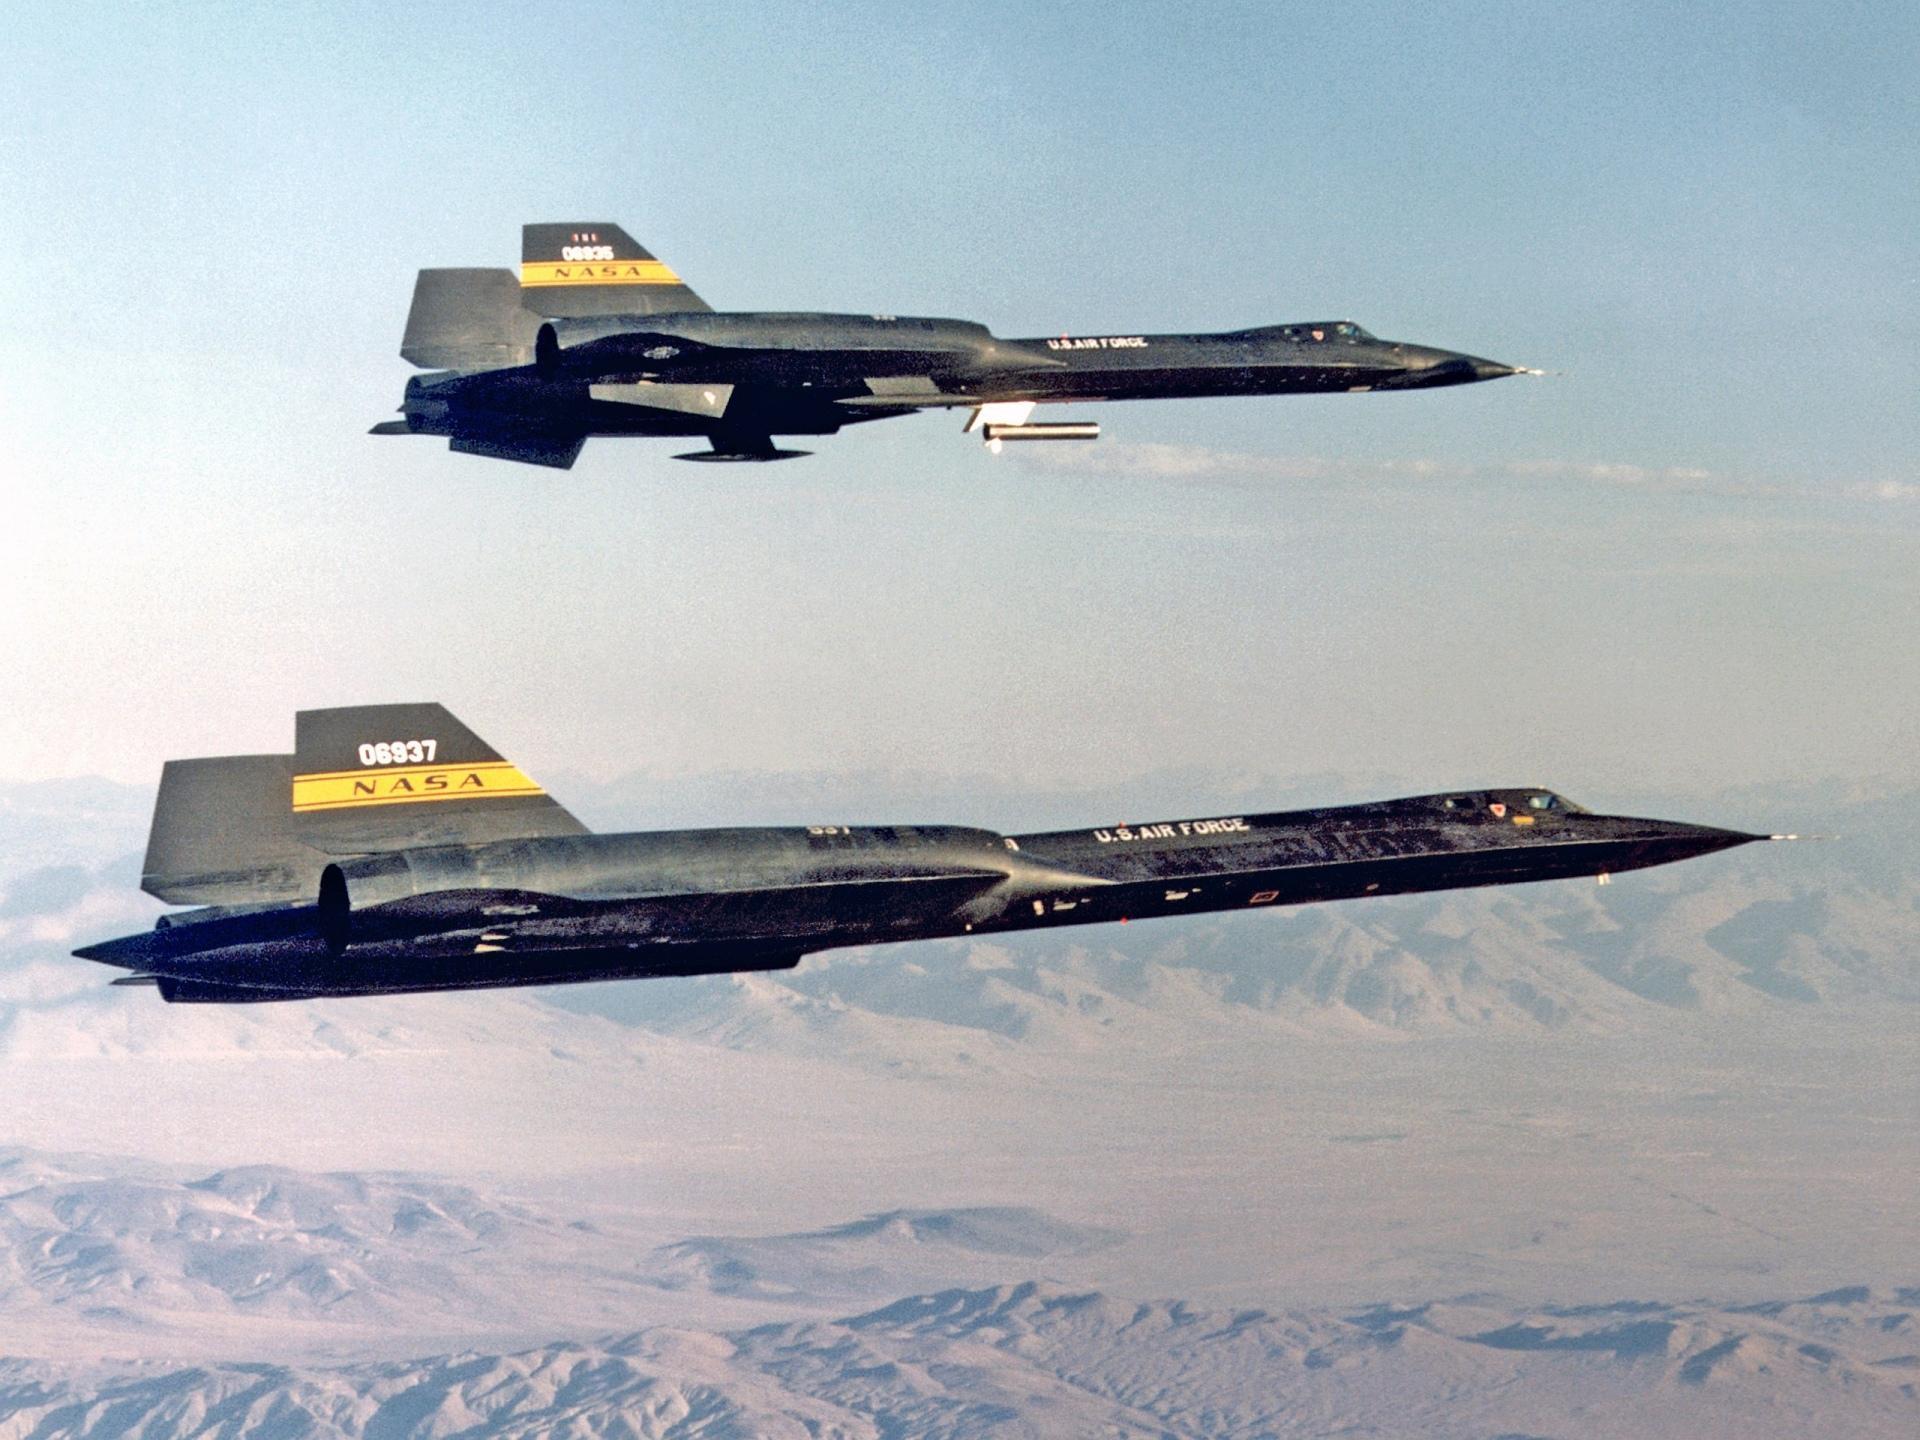 Lockheed YF-12 wallpapers HD quality